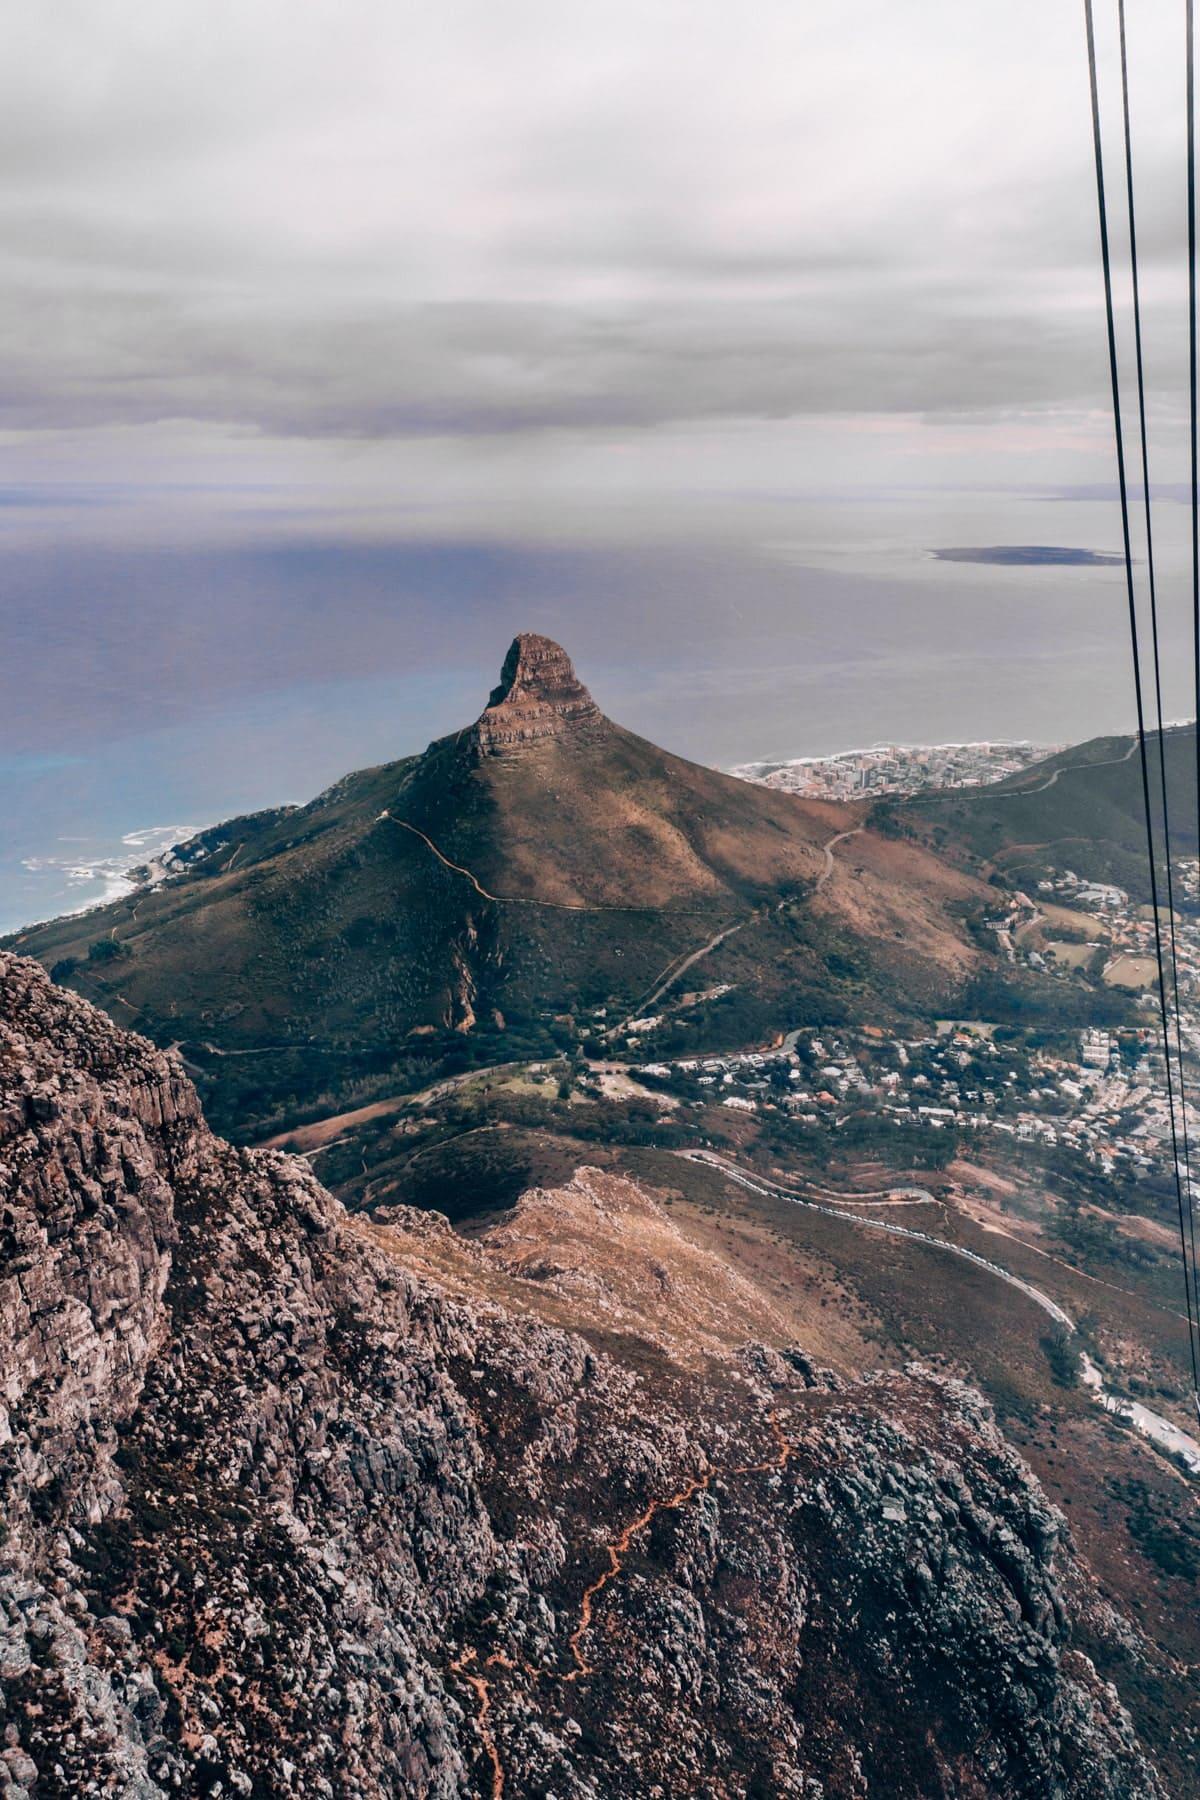 Kapstadt Insidertipps - Mit der Seilbahn auf den Tafelberg fahren